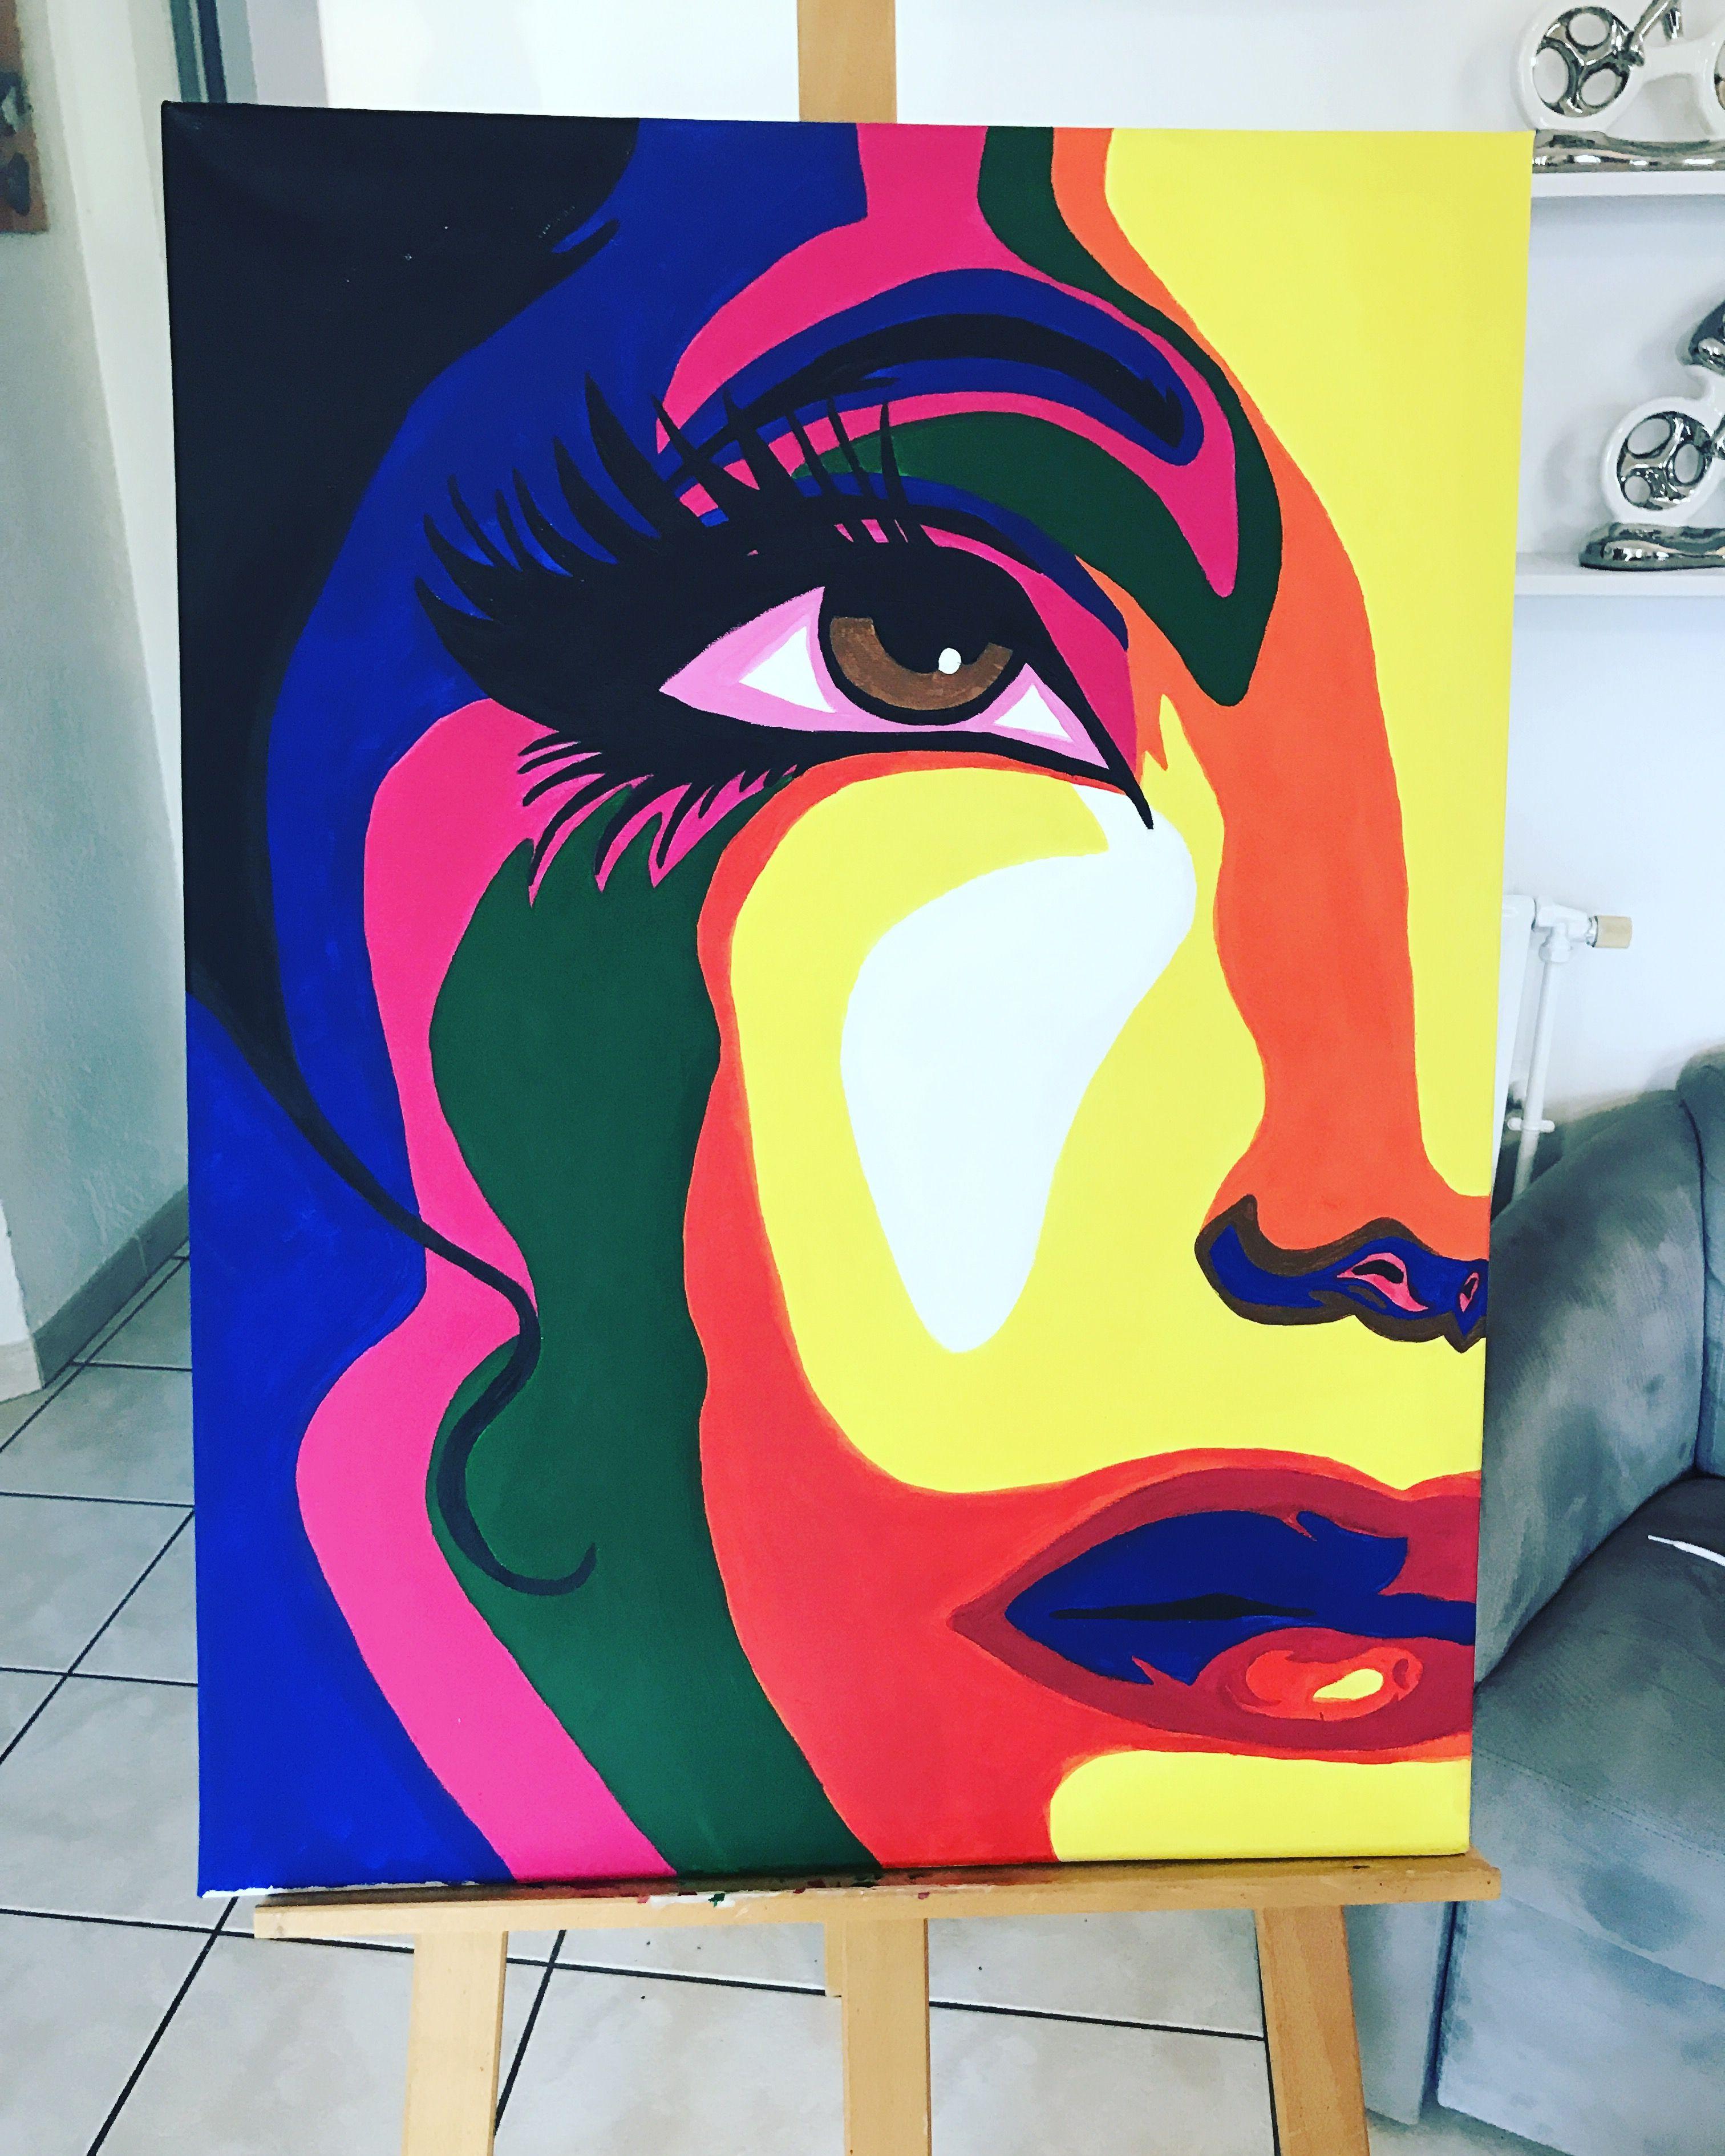 tableau peinture acrylique visage femme couleurs. Black Bedroom Furniture Sets. Home Design Ideas